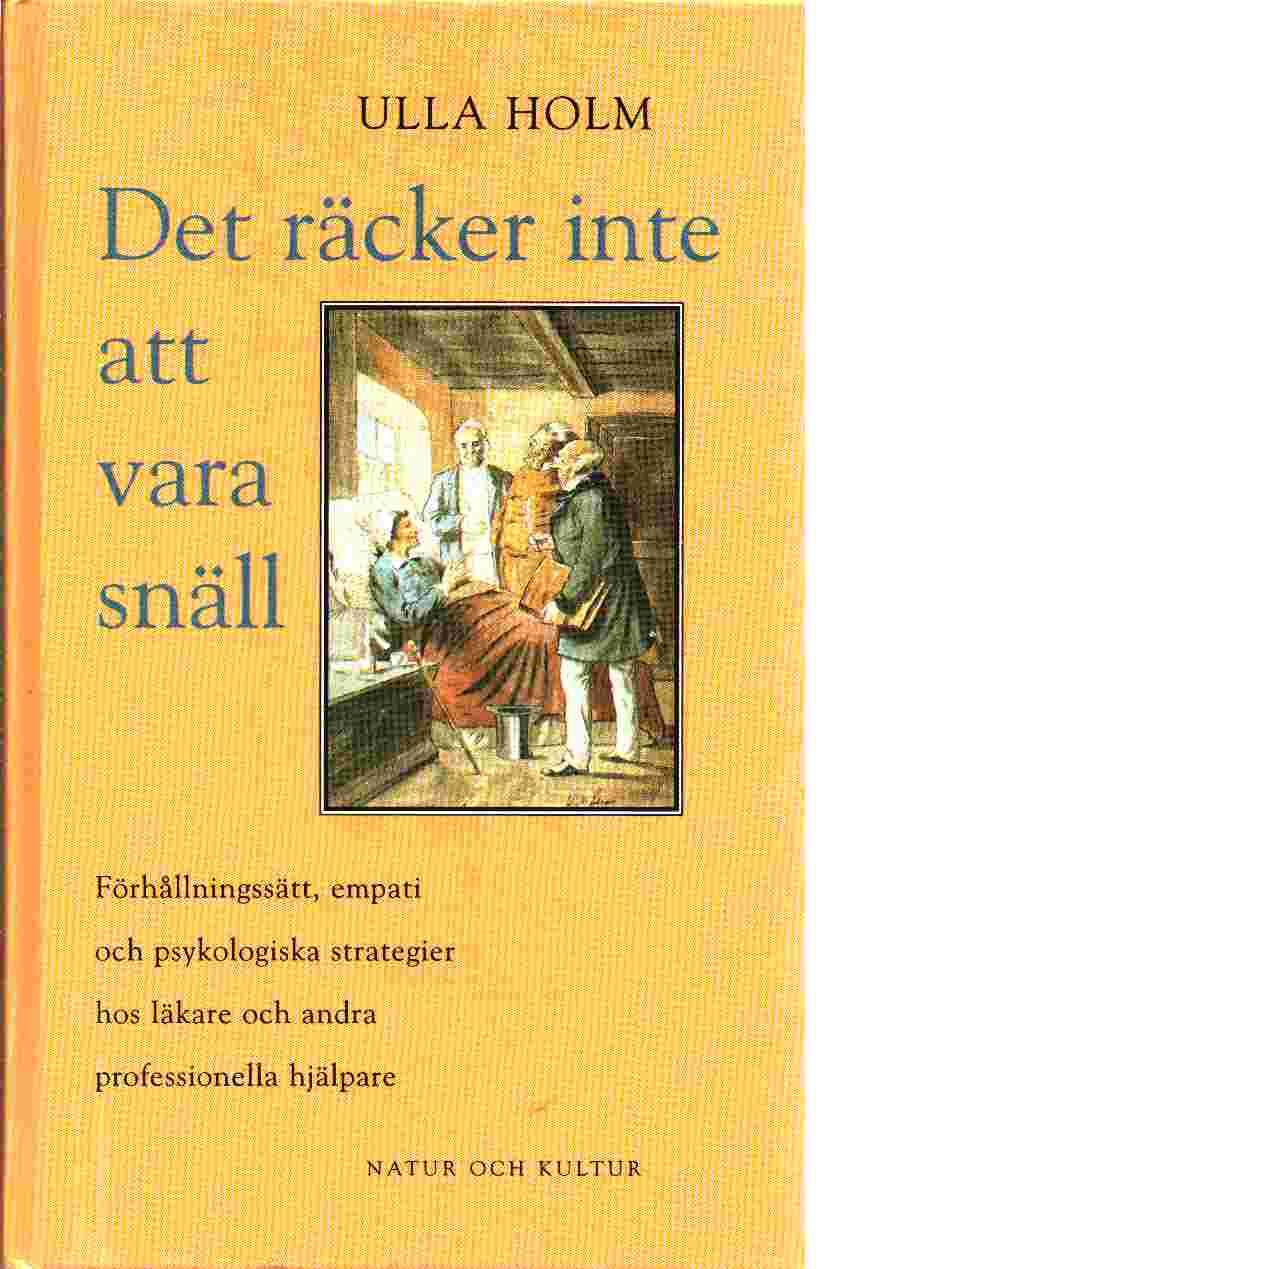 Det räcker inte att vara snäll - Holm, Ulla